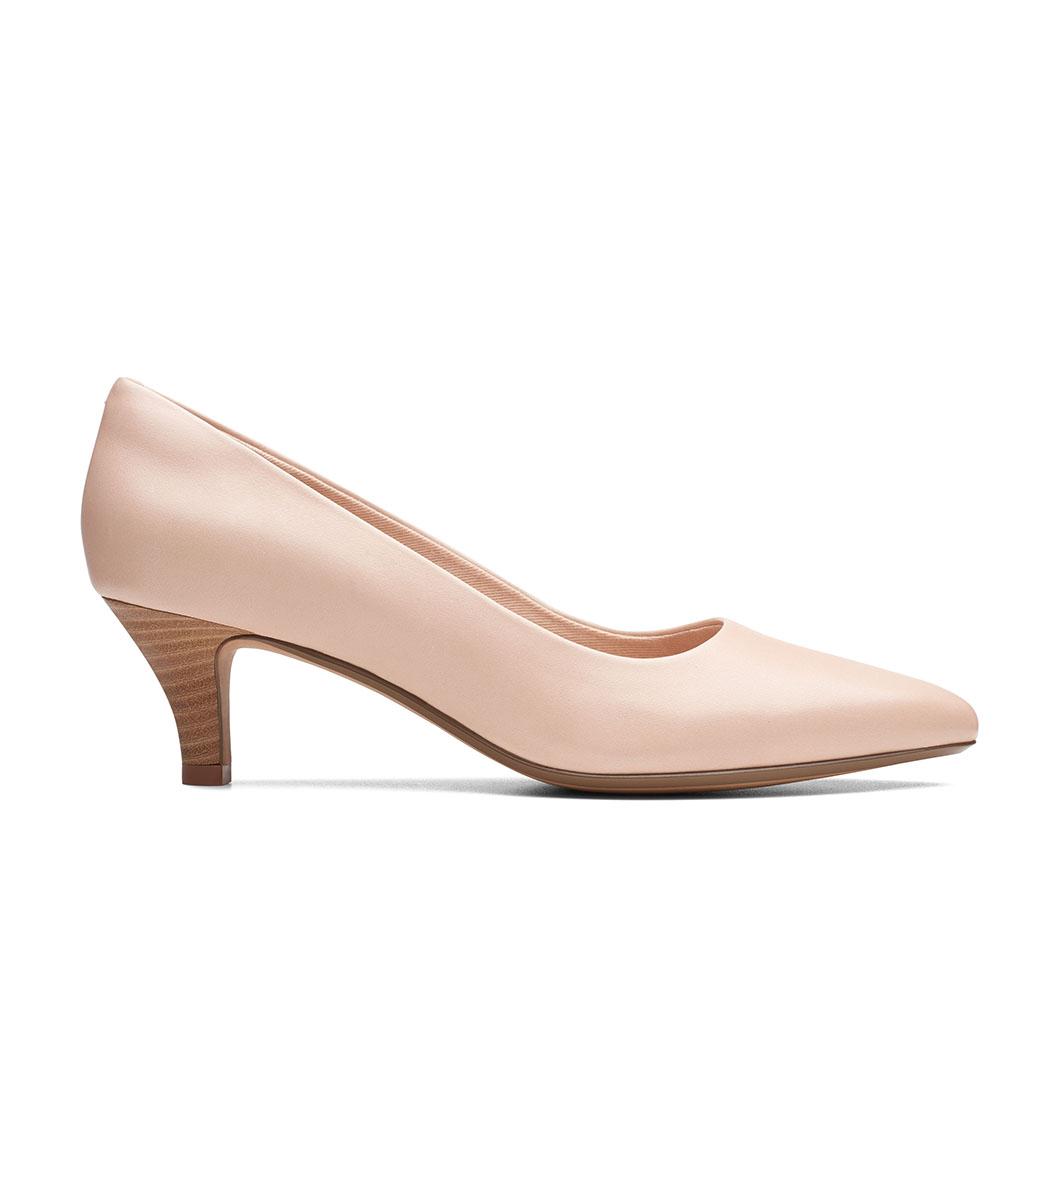 b7b299e15bf Дамски кожени обувки в цвят пудра Linvale Jerica за широко стъпало ...